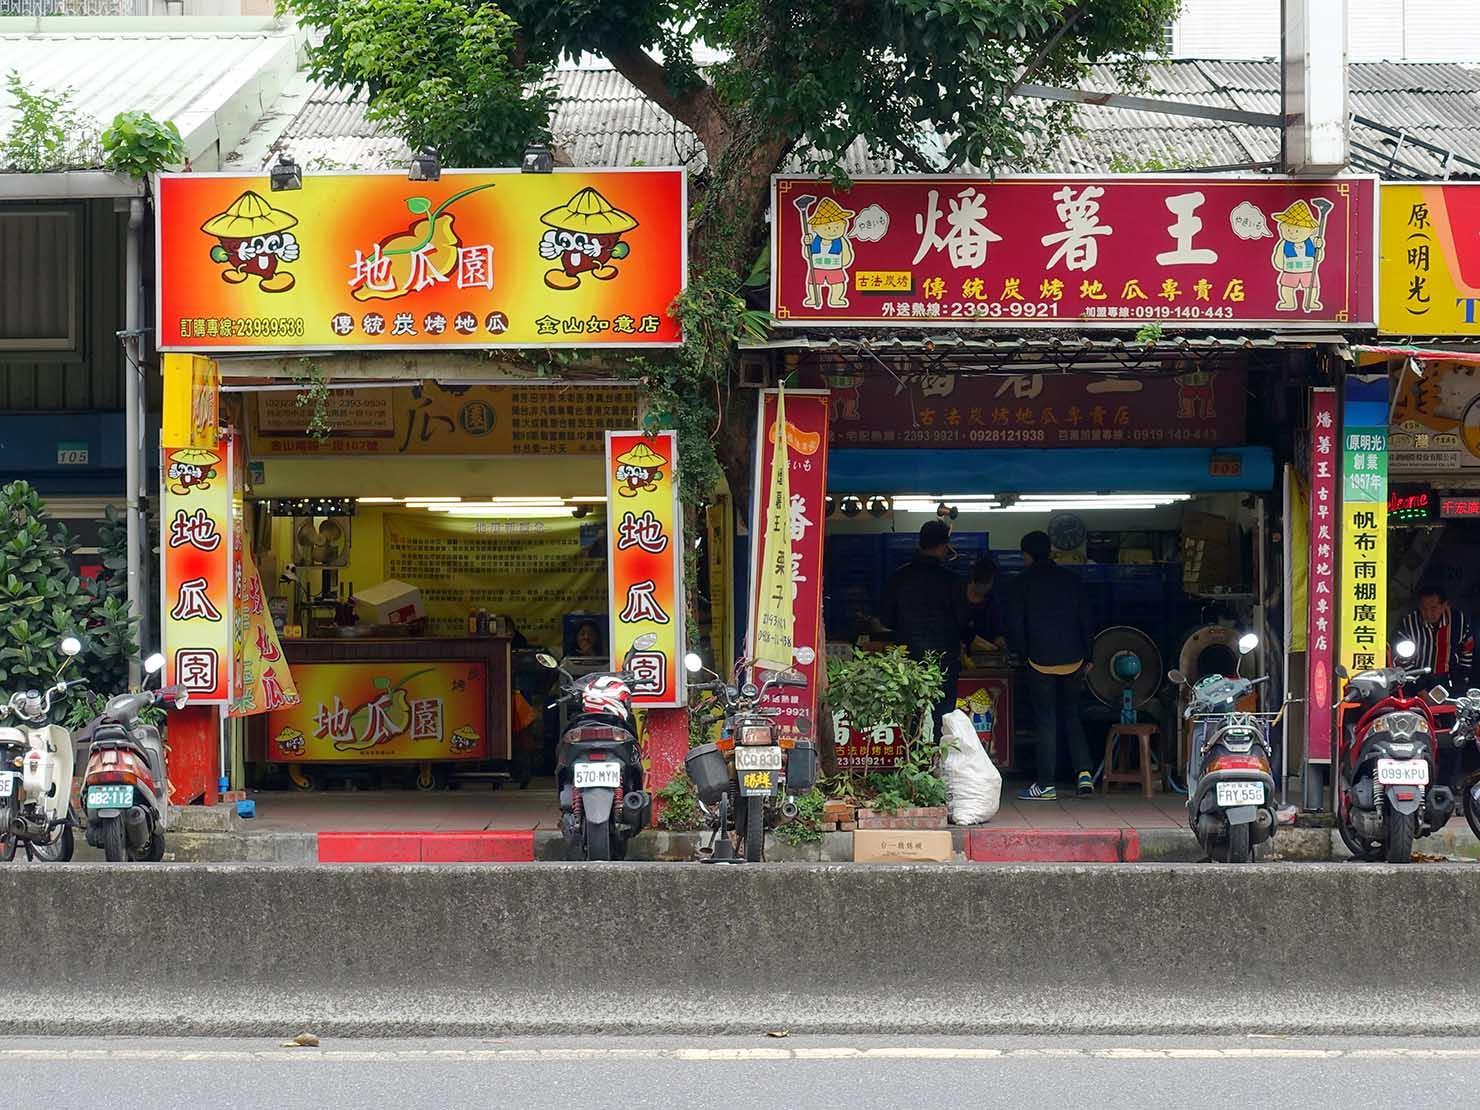 台北・東門エリアのおすすめグルメ店「燔薯王」と「地瓜園」